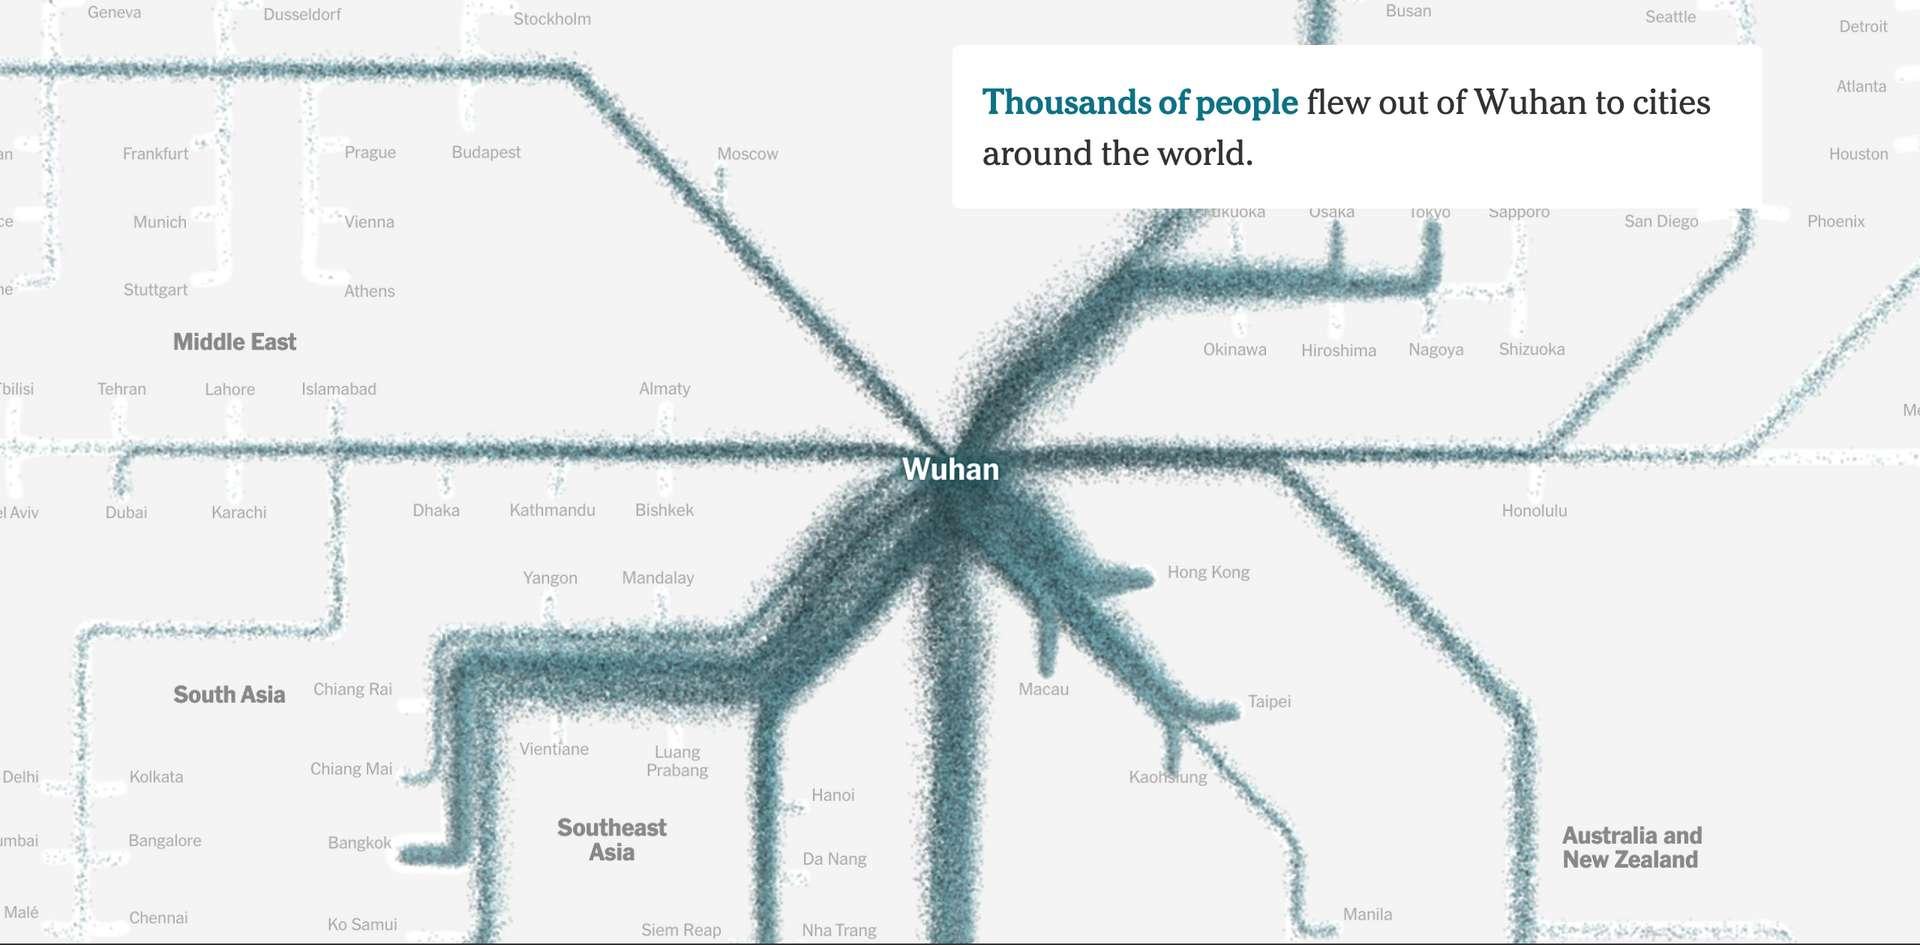 Un aperçu de la carte crée par quatre graphistes du The New York Times. © Jin Wu, Weiyi Cai, Derek Watkins, James Glanz, The New York Times